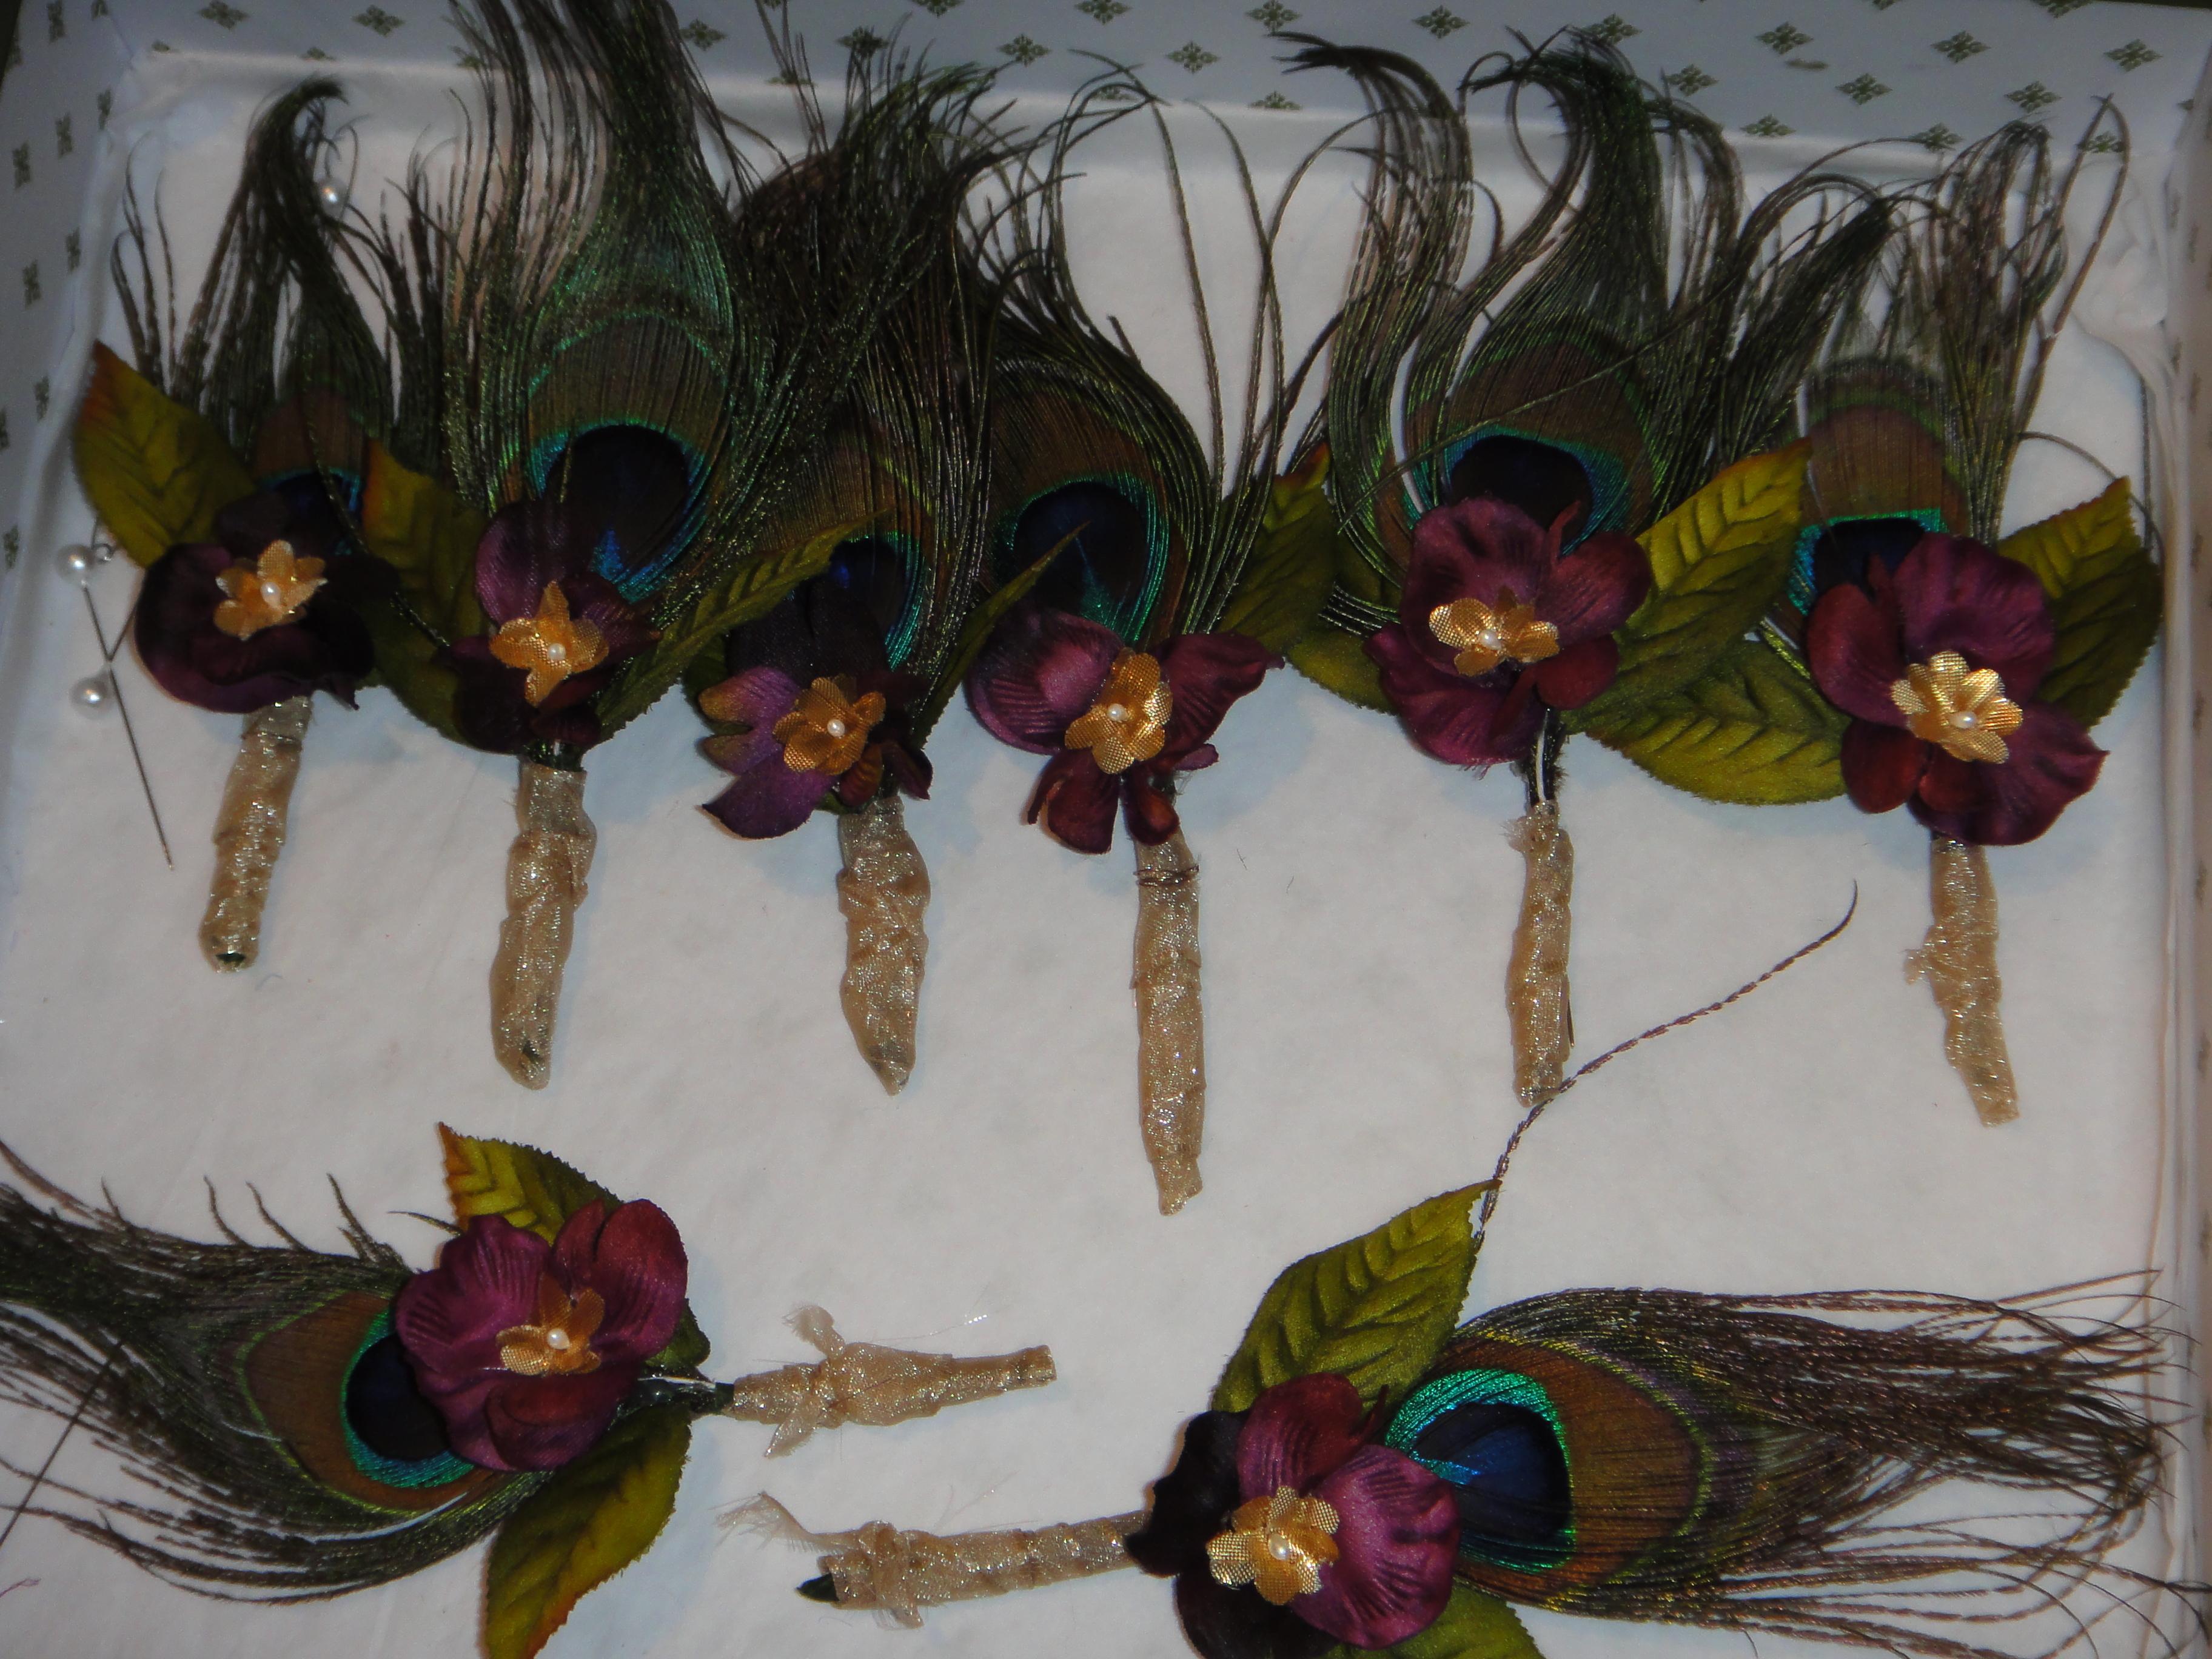 Ceremony, Reception, Flowers & Decor, Favors & Gifts, Bridesmaids, Bridesmaids Dresses, Fashion, purple, blue, green, gold, Favors, Ceremony Flowers, Bridesmaid Bouquets, Flowers, Flower Wedding Dresses